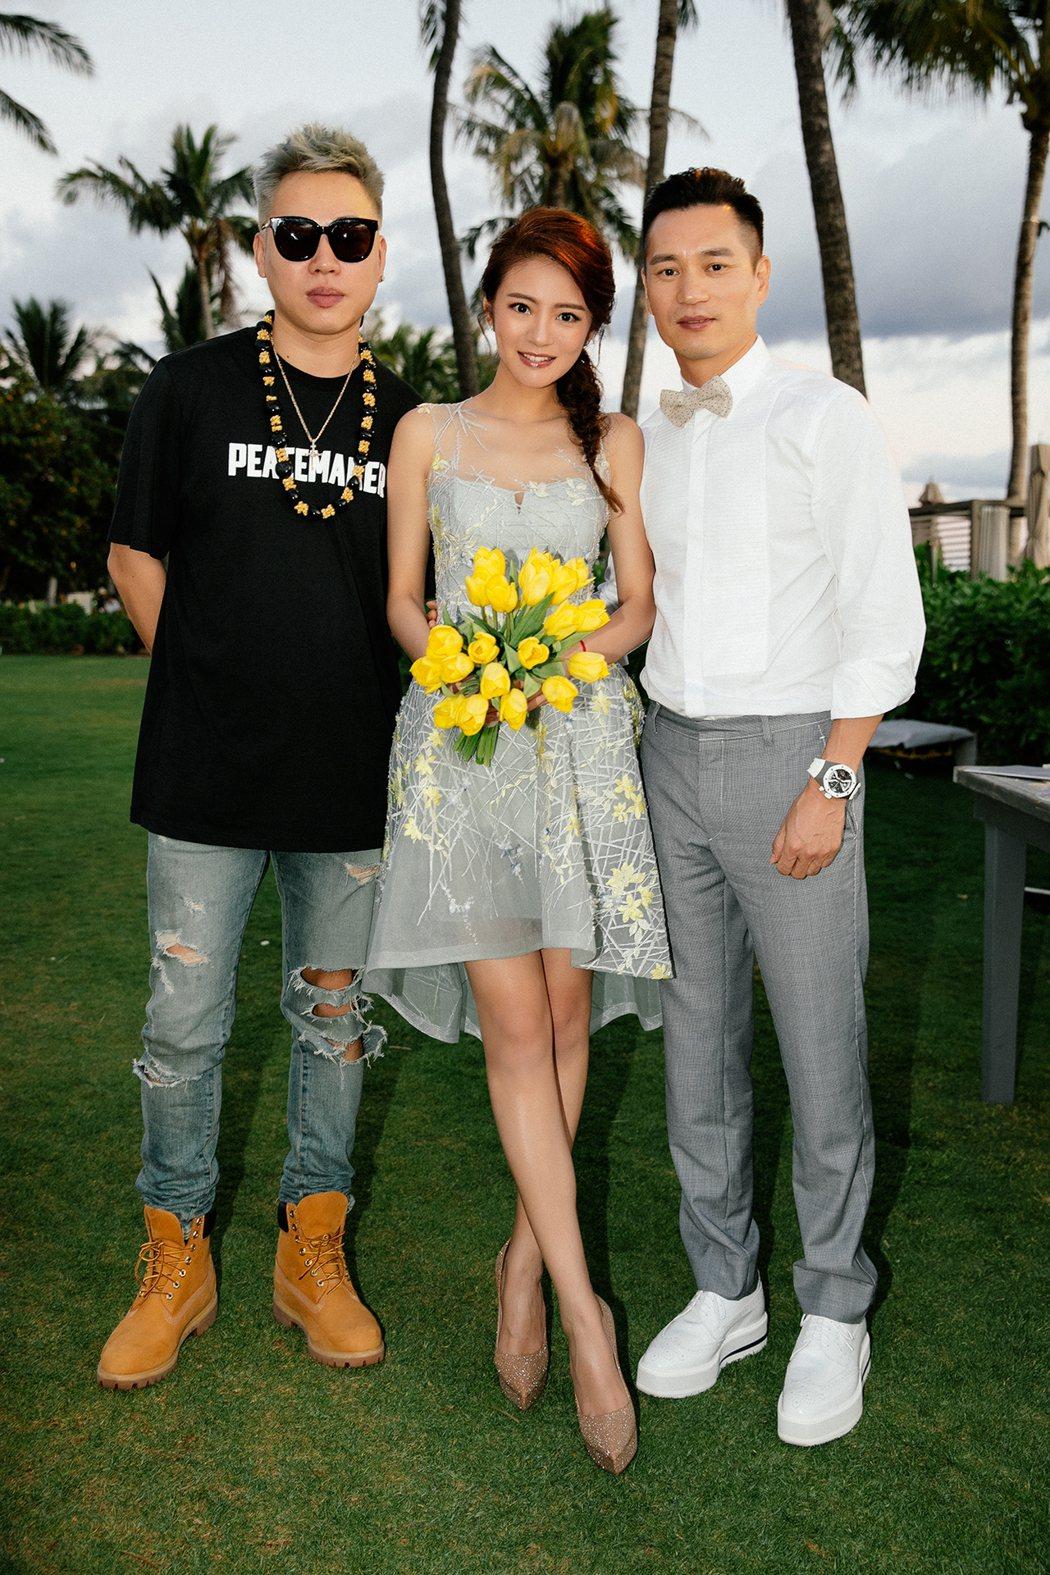 胡彥斌(左起)出席安以軒與陳榮煉夏威夷婚禮。圖/安以軒工作室提供